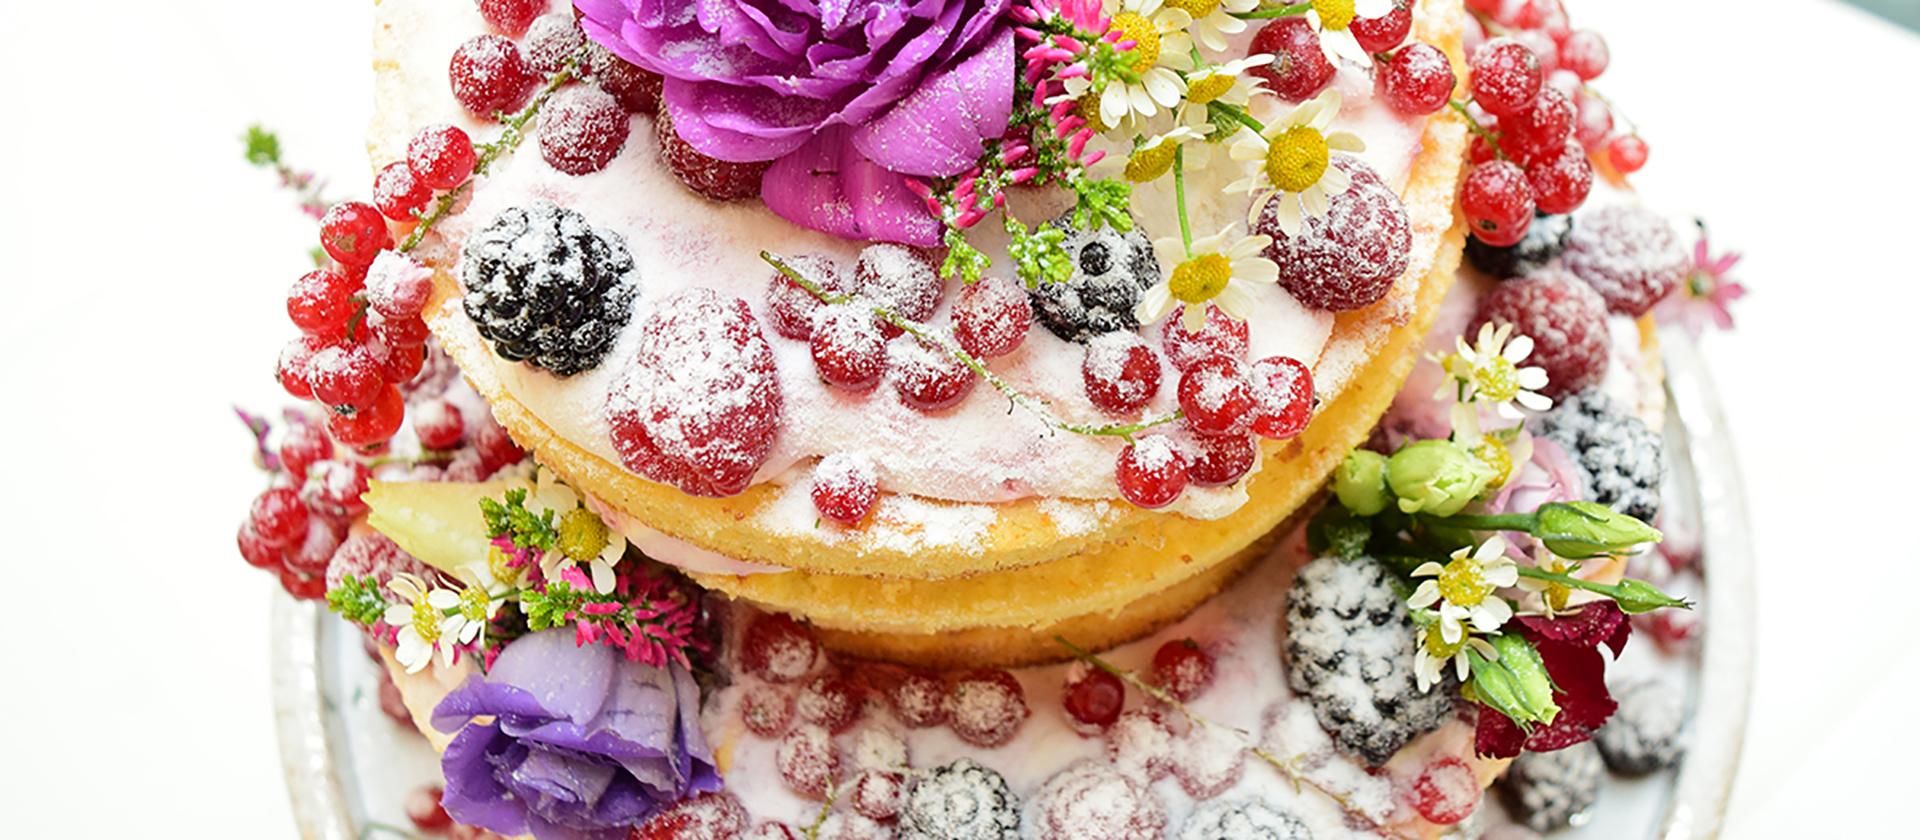 Hochzeitstorte aus dem Café Rosenpark in Marburg